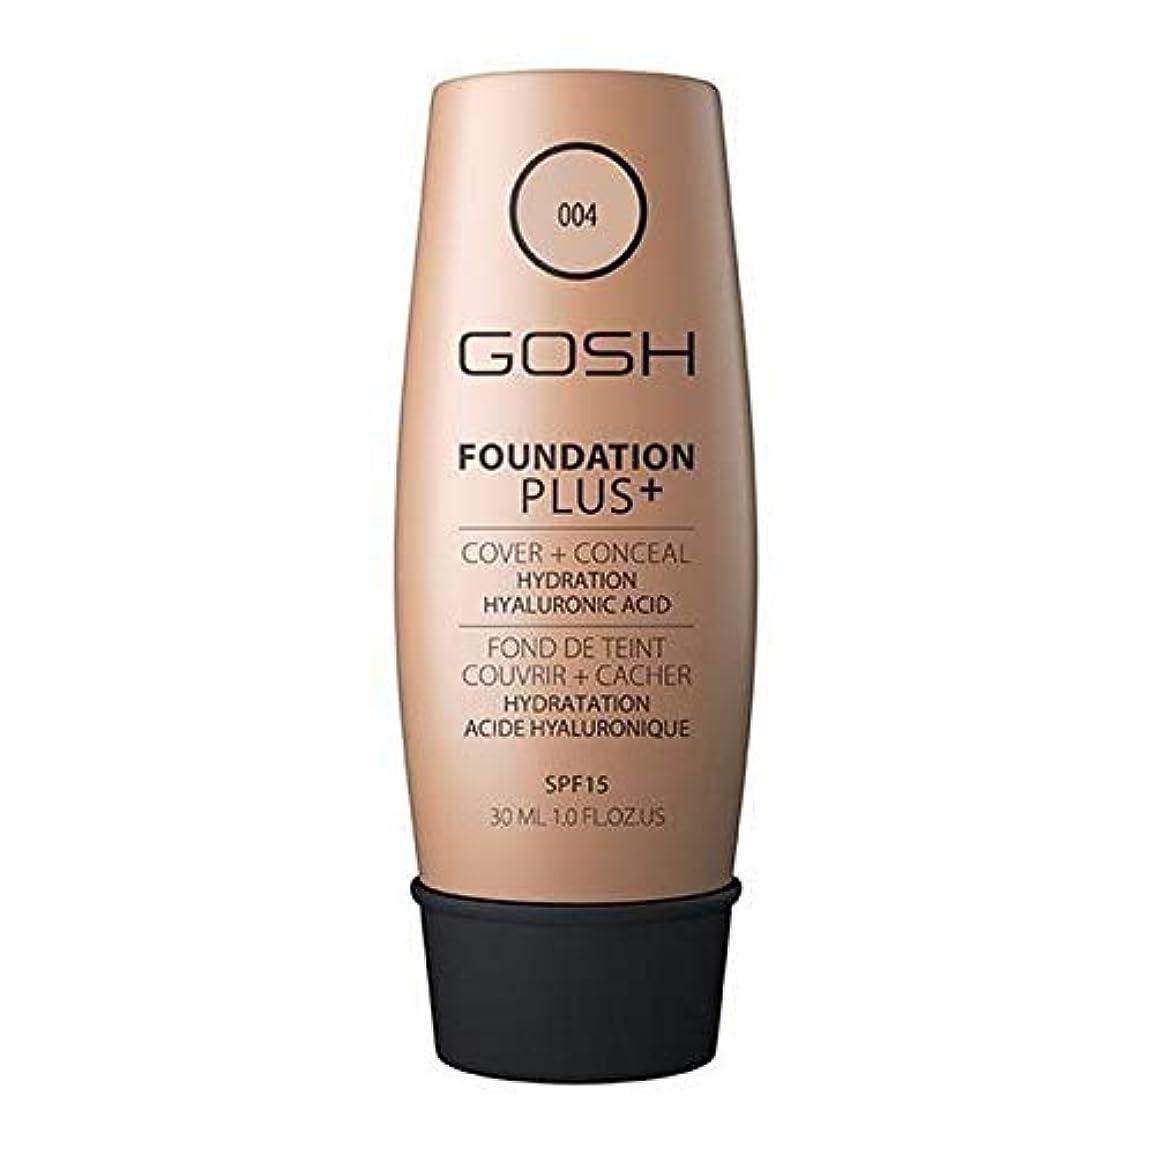 同化凝縮する失速[GOSH ] おやっ基盤プラス+ナチュラル004 - Gosh Foundation Plus+ Natural 004 [並行輸入品]